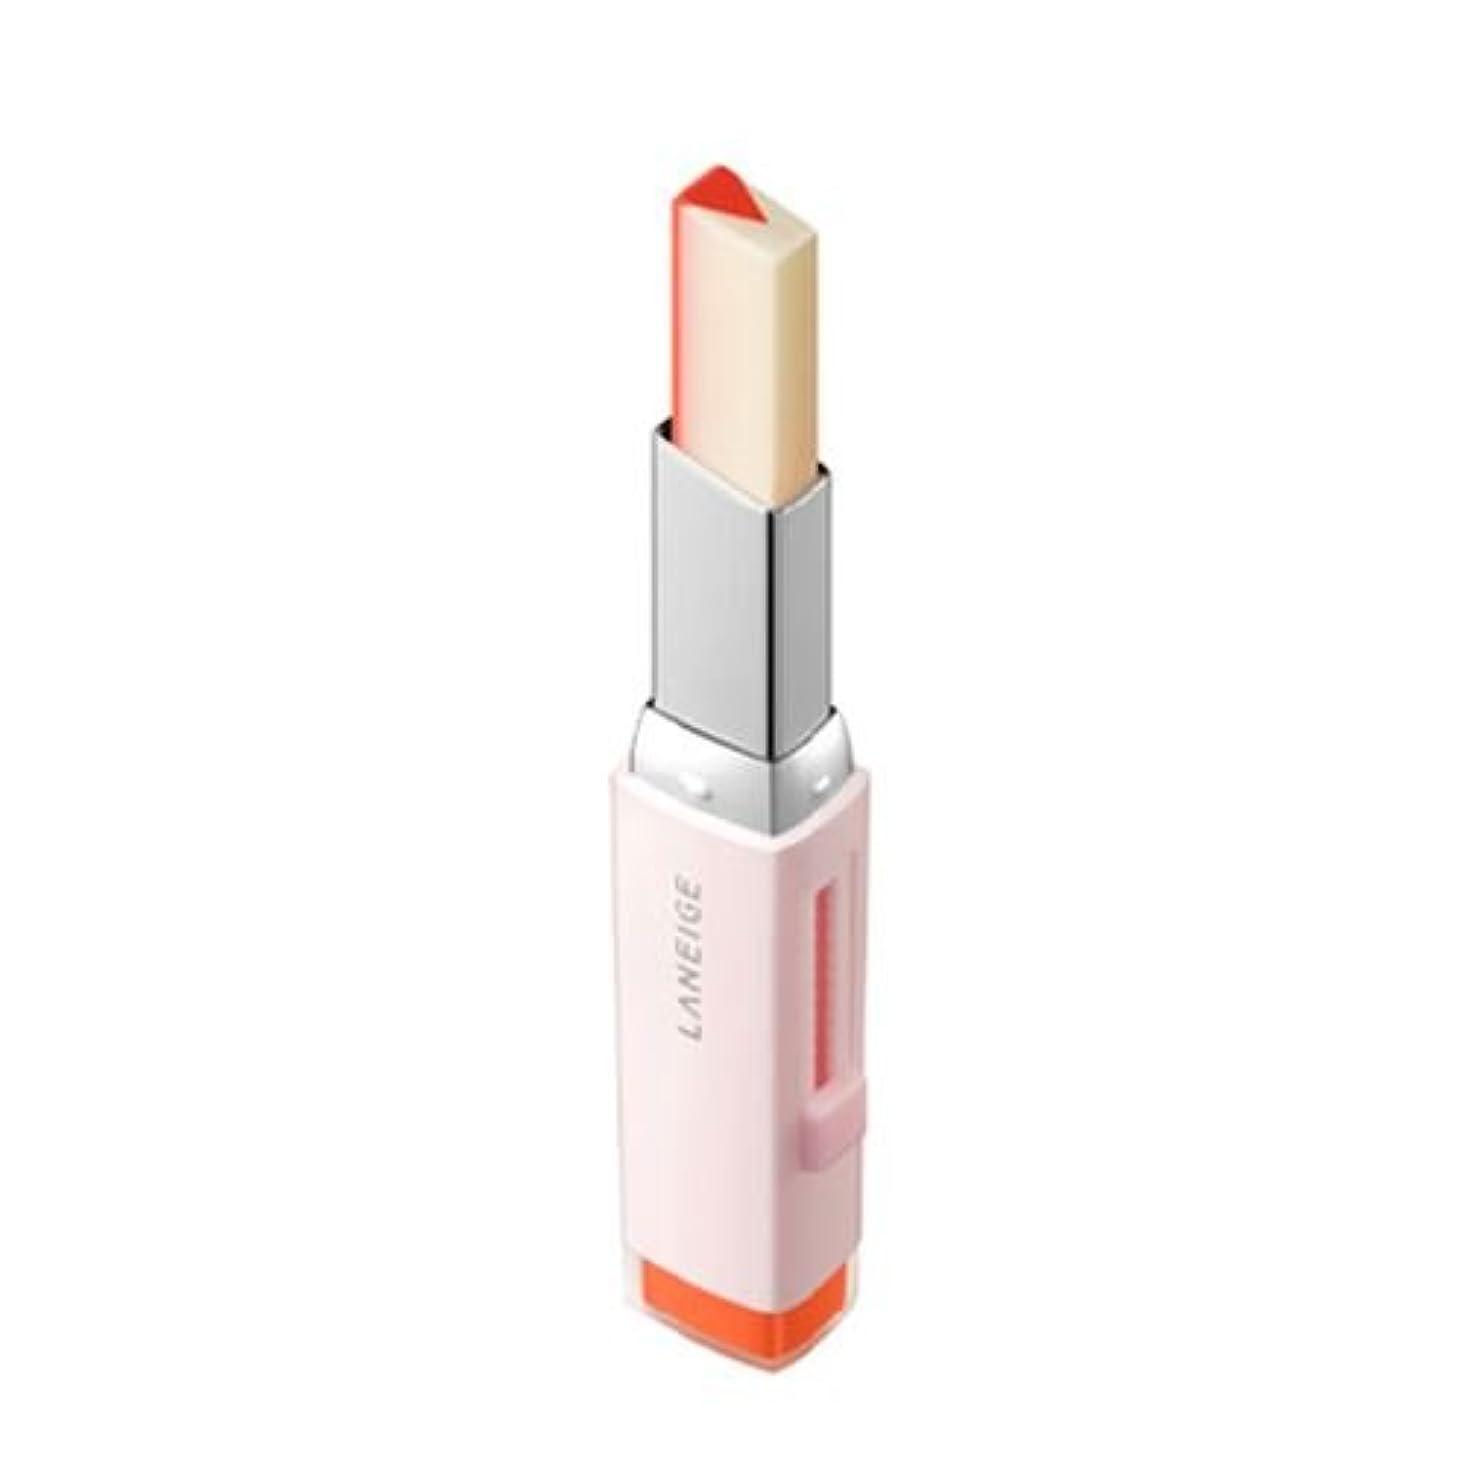 キャスト自発的マージ[New] LANEIGE Two Tone Tint Lip Bar 2g/ラネージュ ツー トーン ティント リップ バー 2g (#02 Tangeine Slice) [並行輸入品]